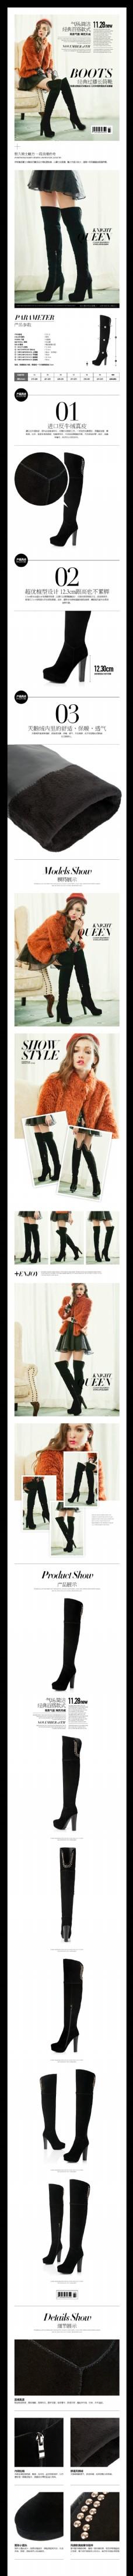 淘宝电商服装女士鞋业详情页设计